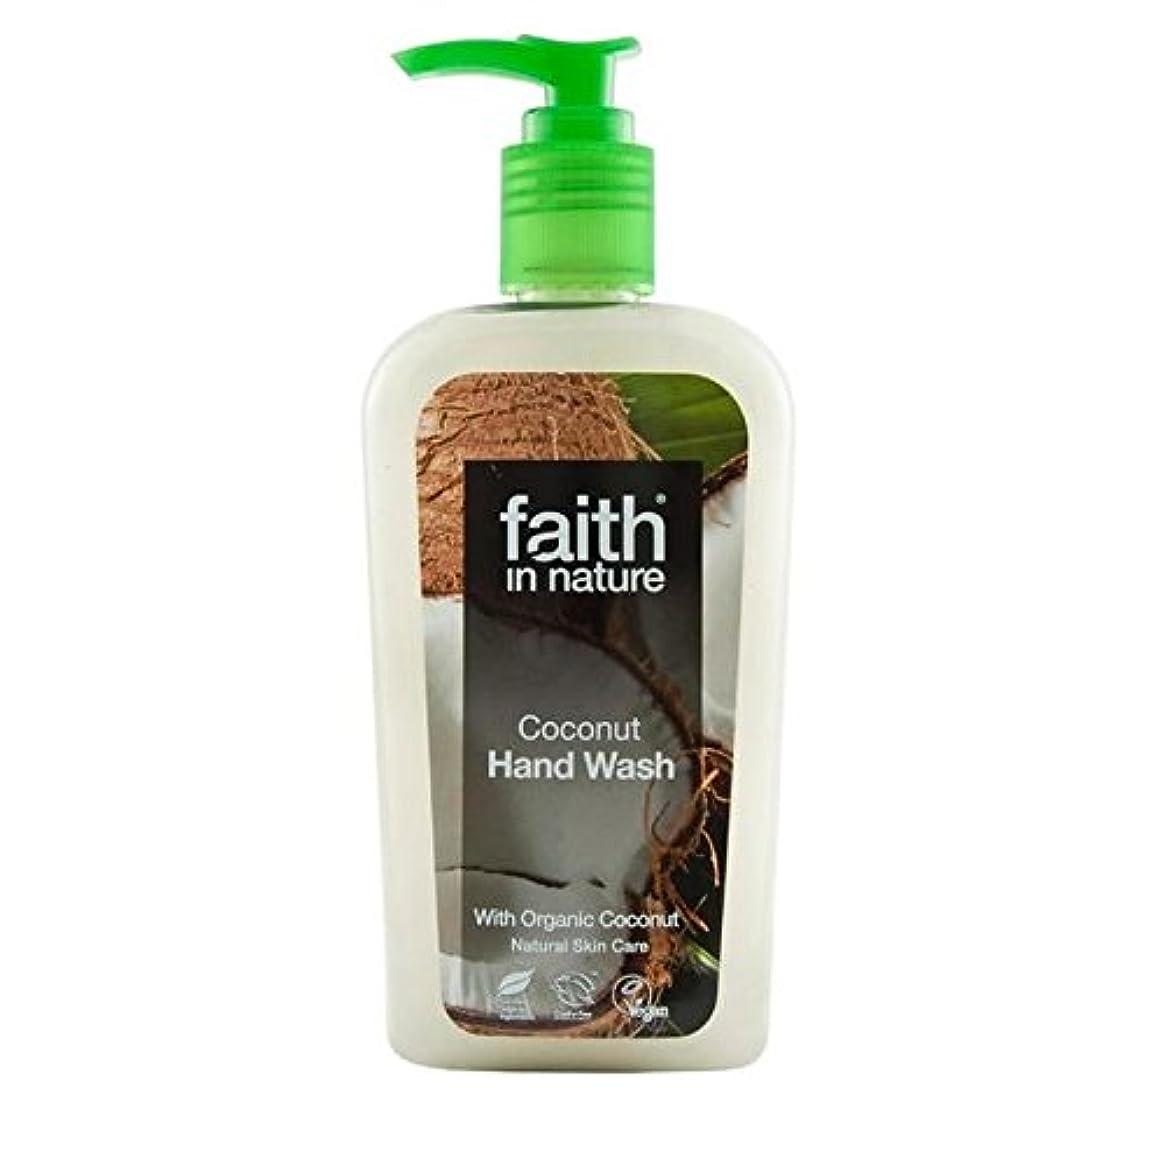 定義する弱まるマディソンFaith in Nature Coconut Handwash 300ml - (Faith In Nature) 自然ココナッツ手洗いの300ミリリットルの信仰 [並行輸入品]